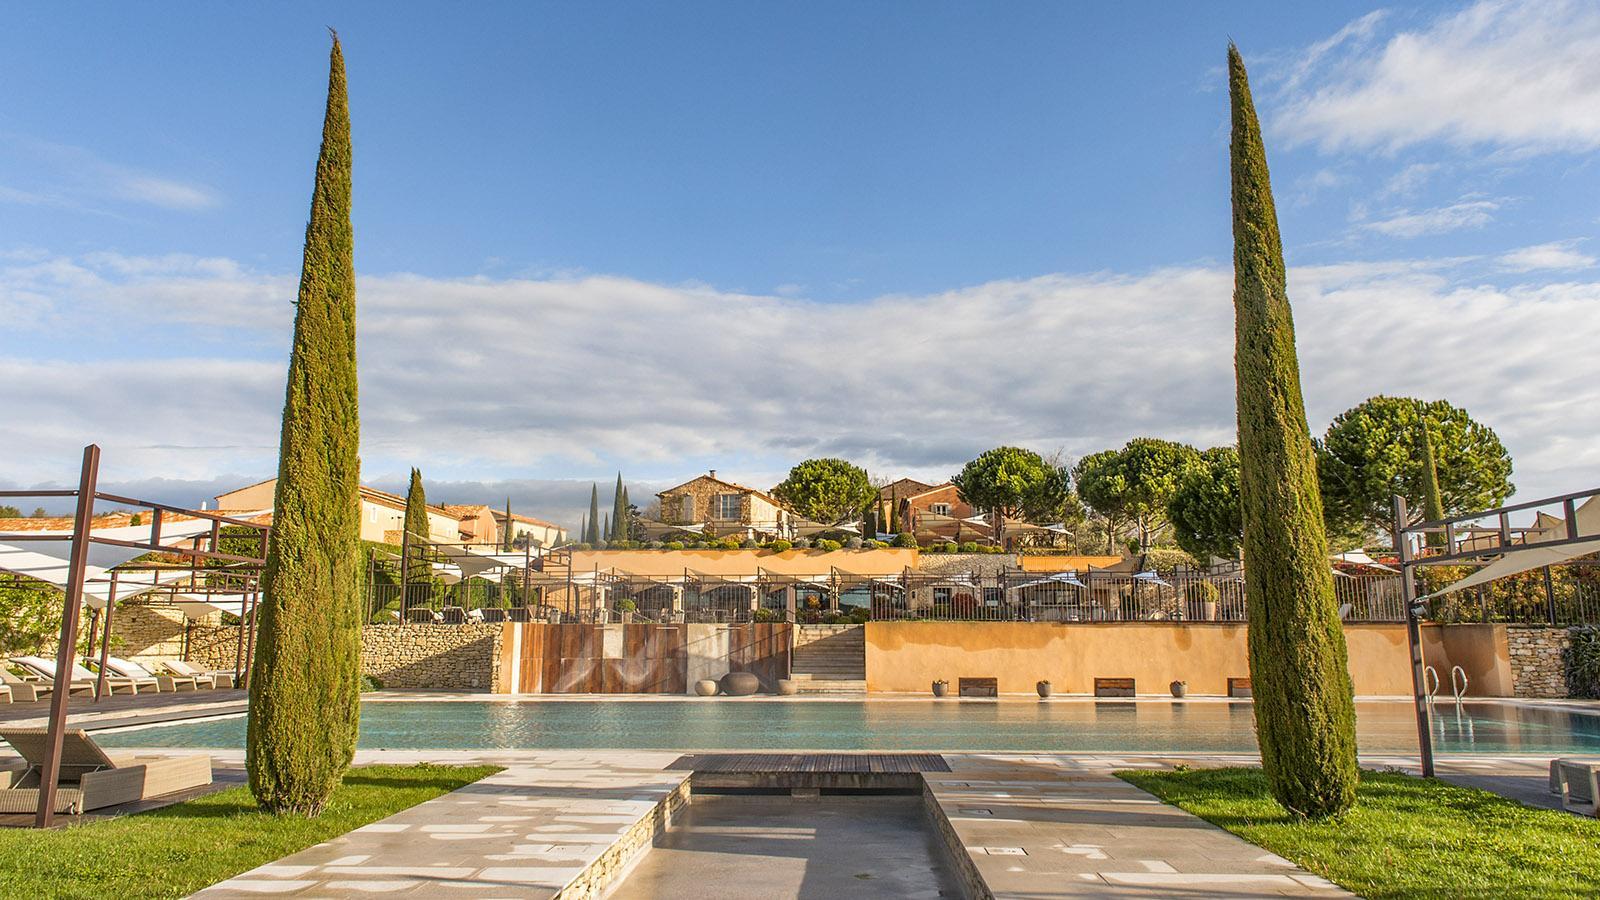 Luberon: Blick auf das Feriendorf La Coquillade vom großen Pool aus. Foto: Hilke Maunder